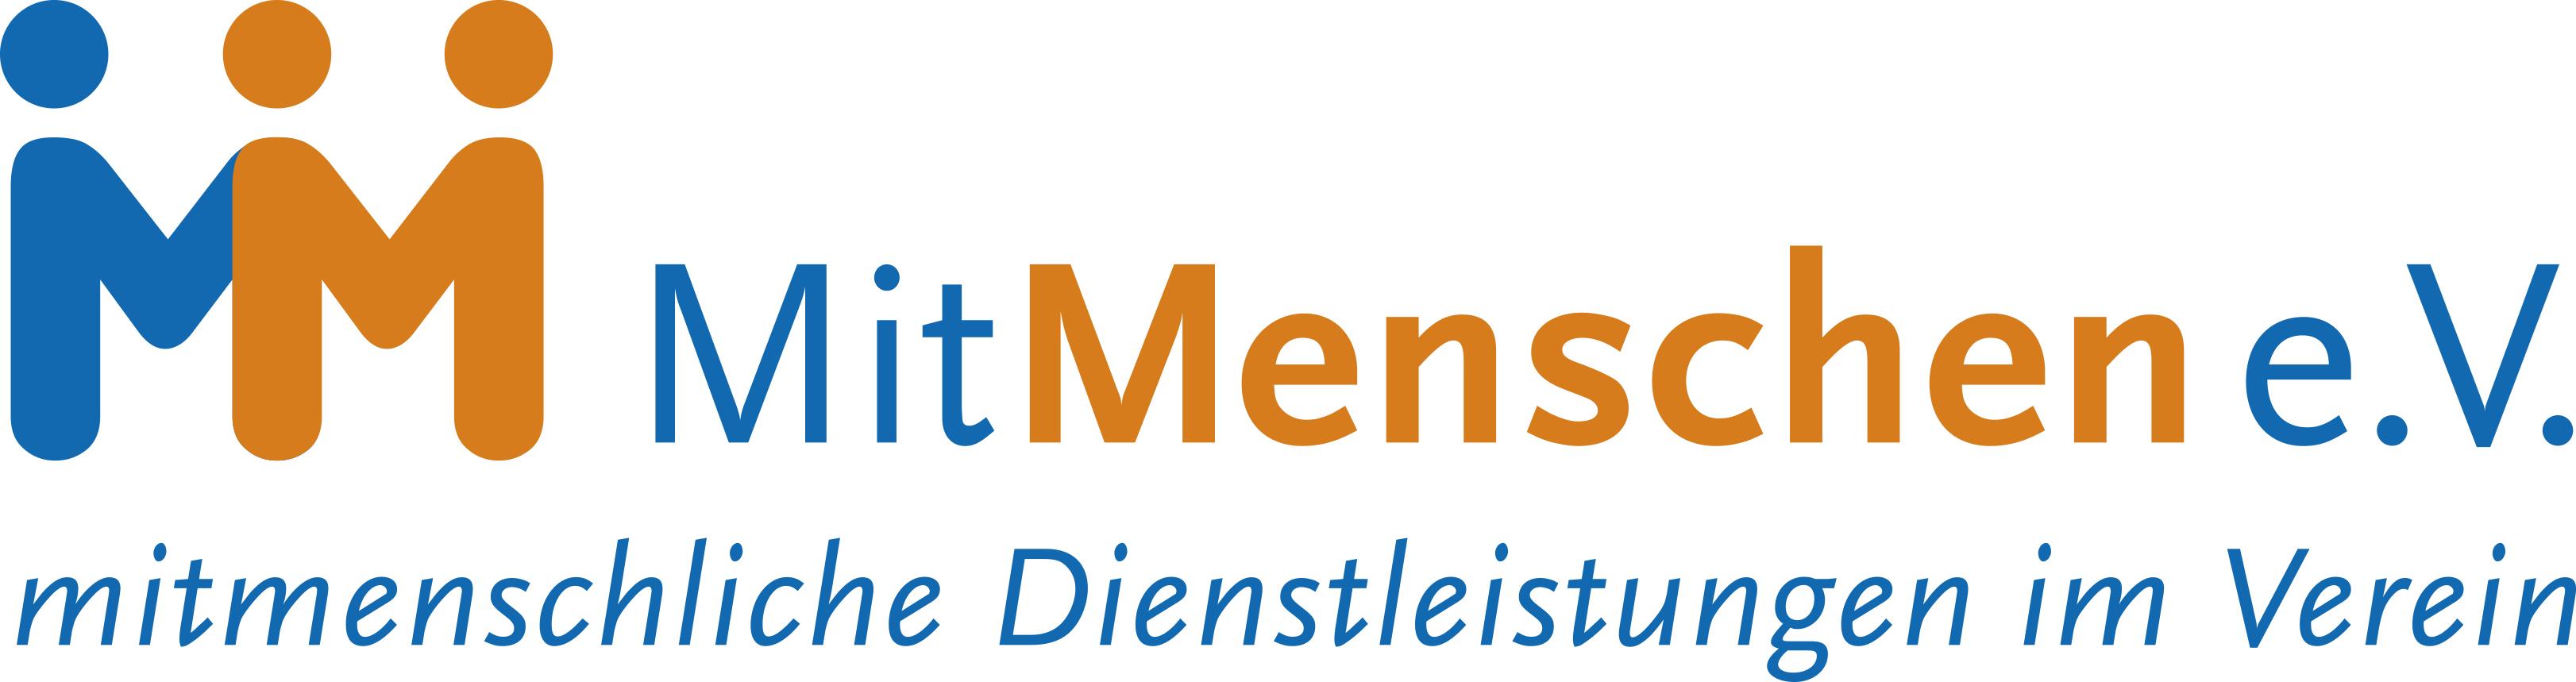 MitMenschen e.V.